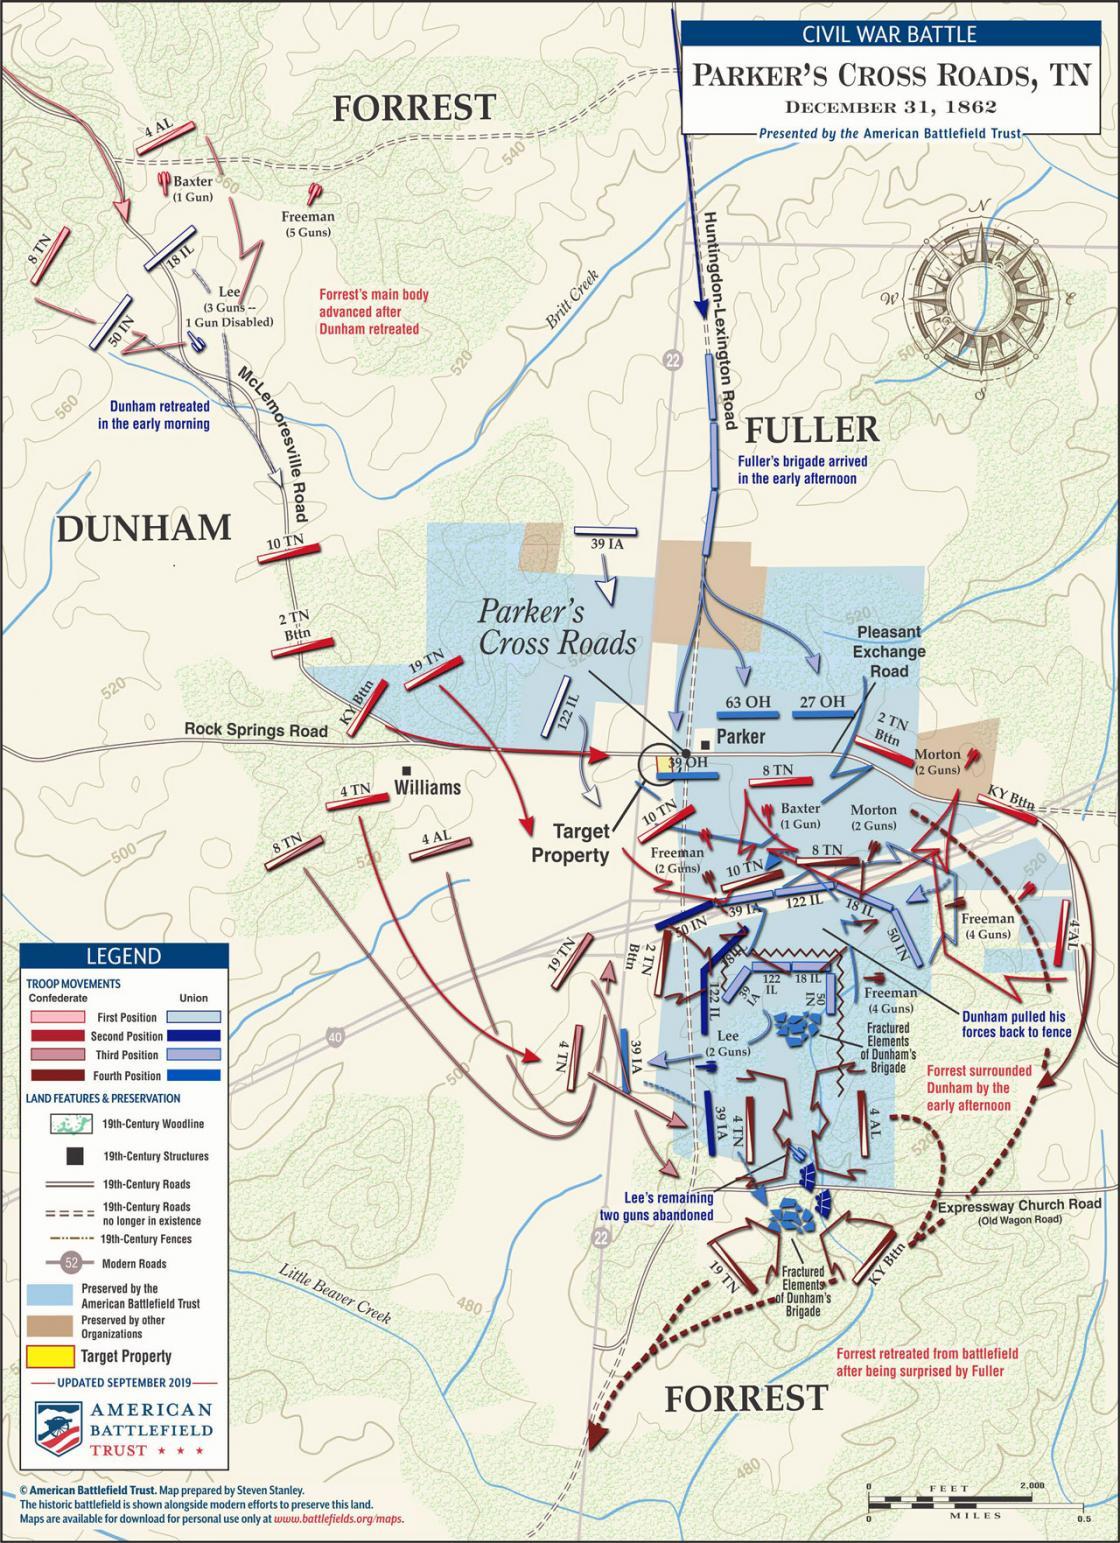 Parker's Cross Roads - December 31, 1862 (September 2019)